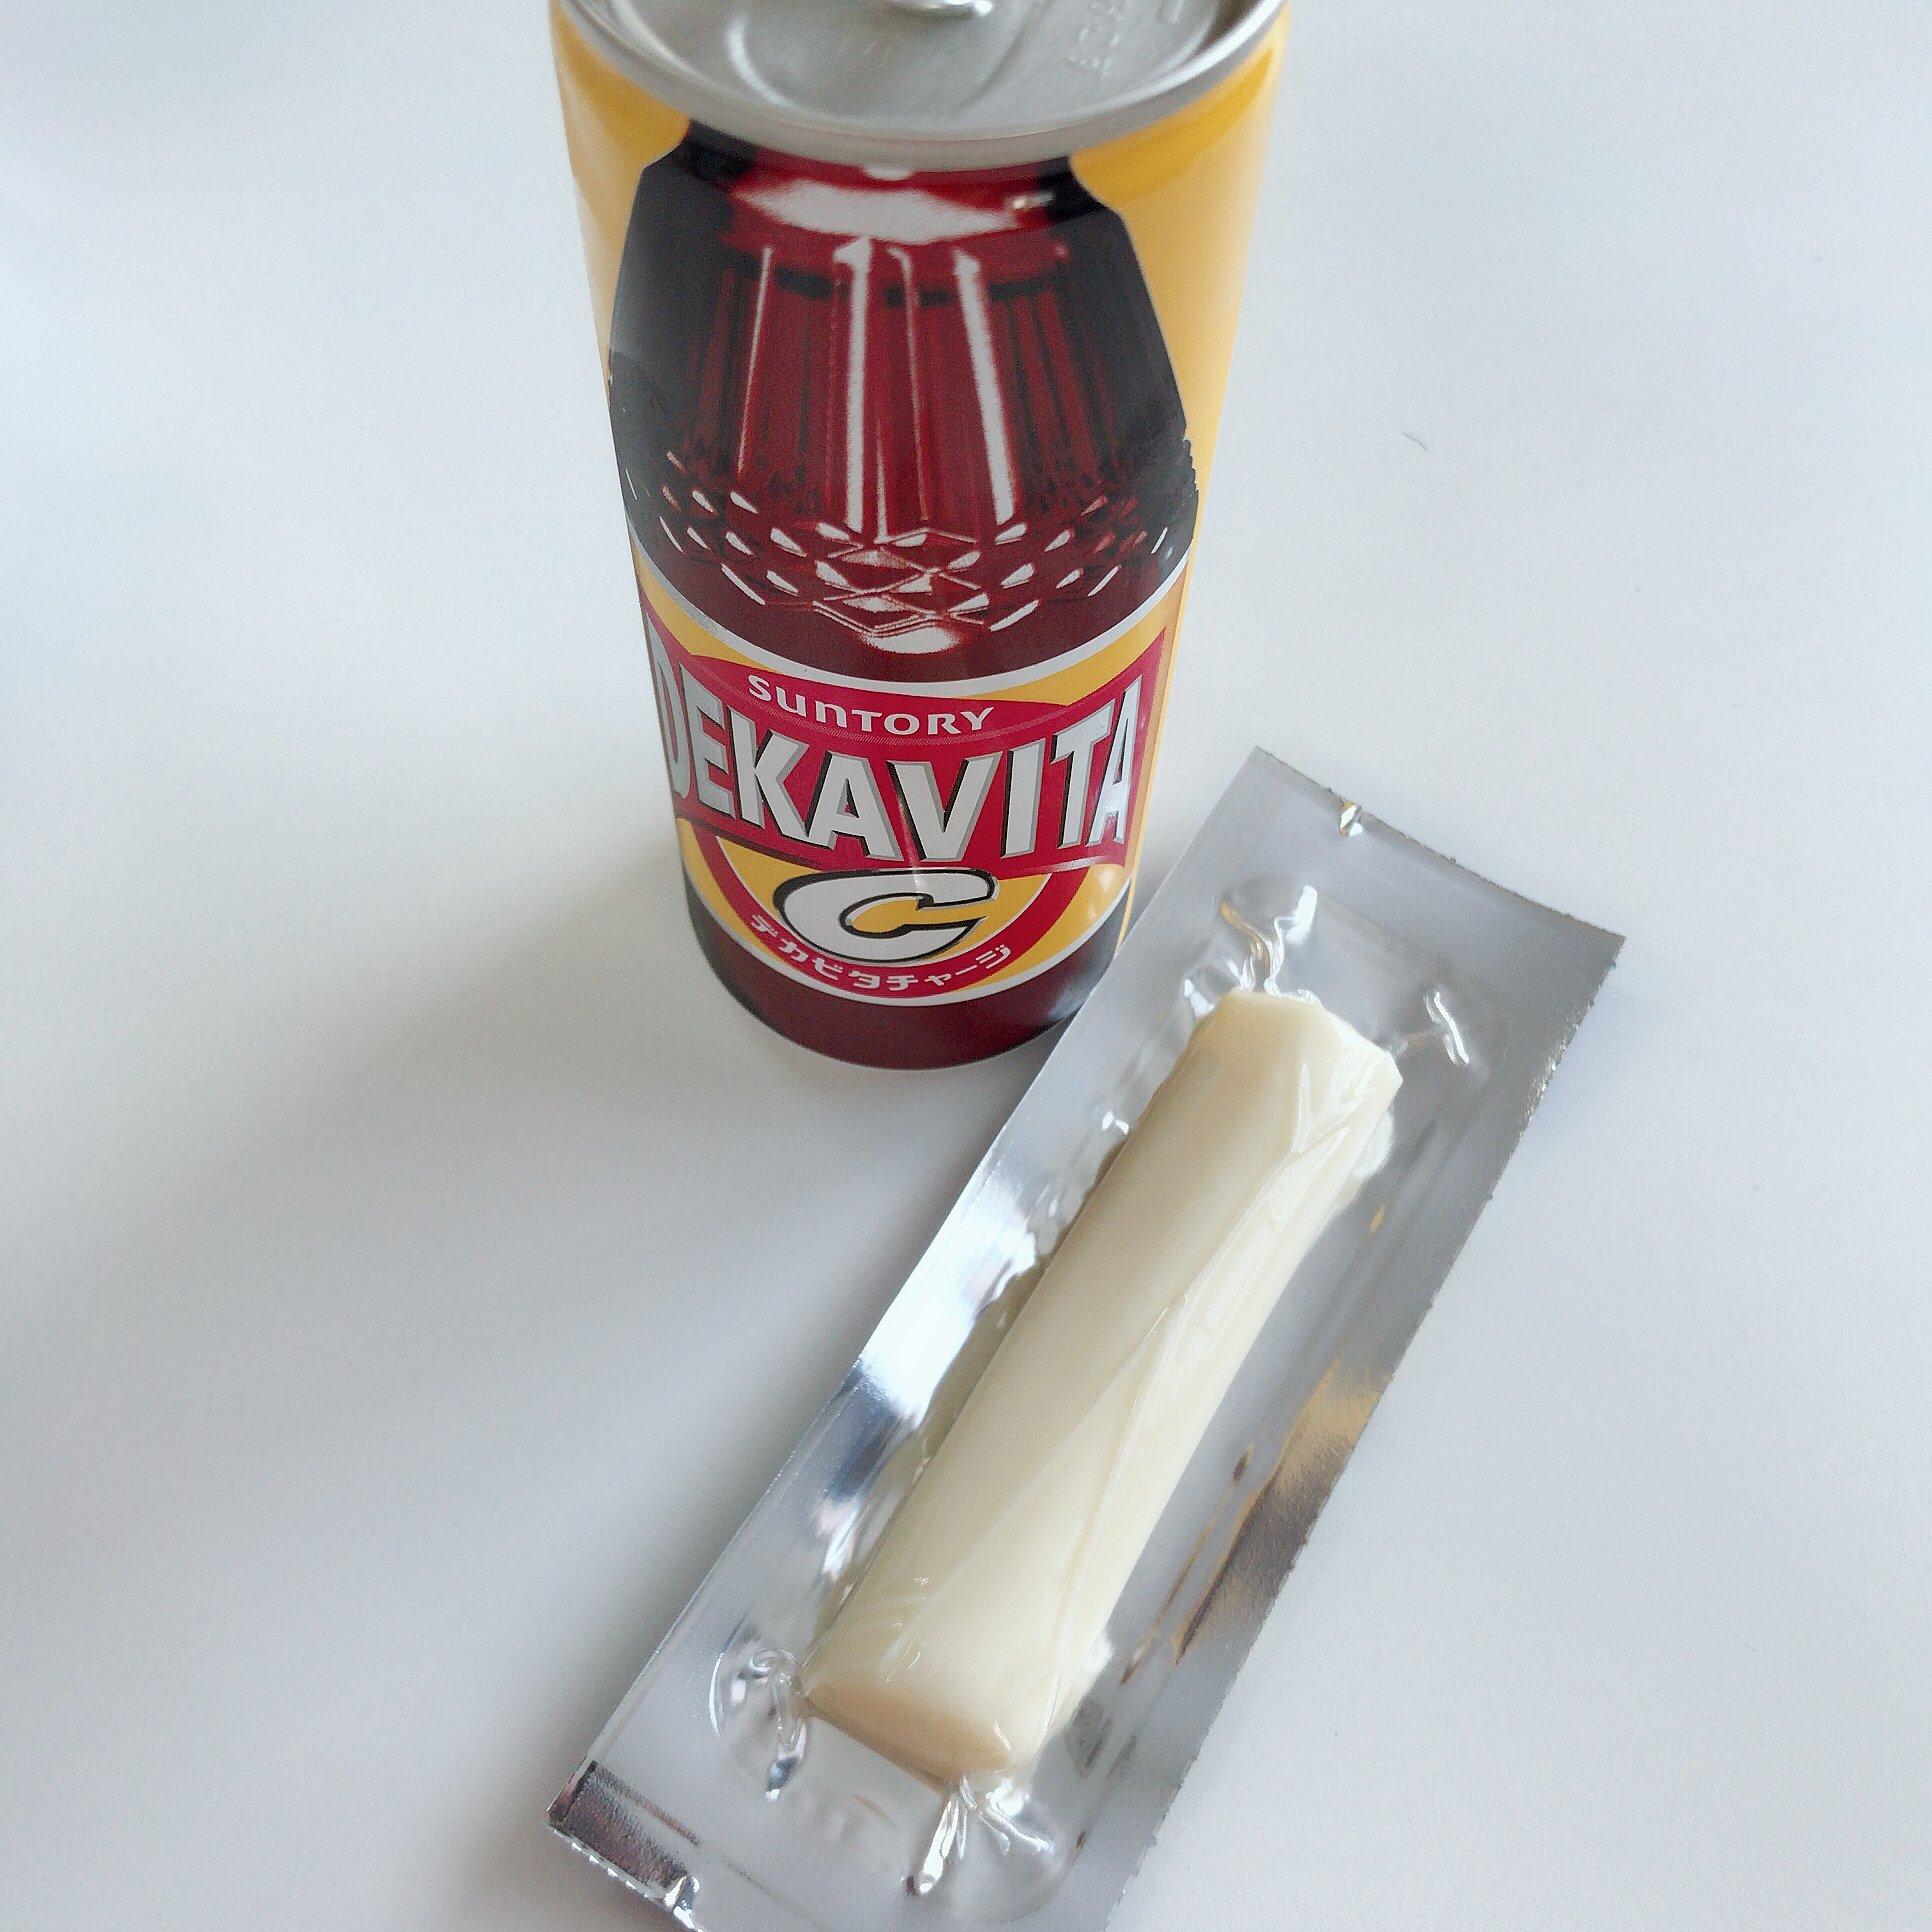 今日のおやつ!このチーズの塩気と食感が大好き〜〜〜(*ω*)細か…